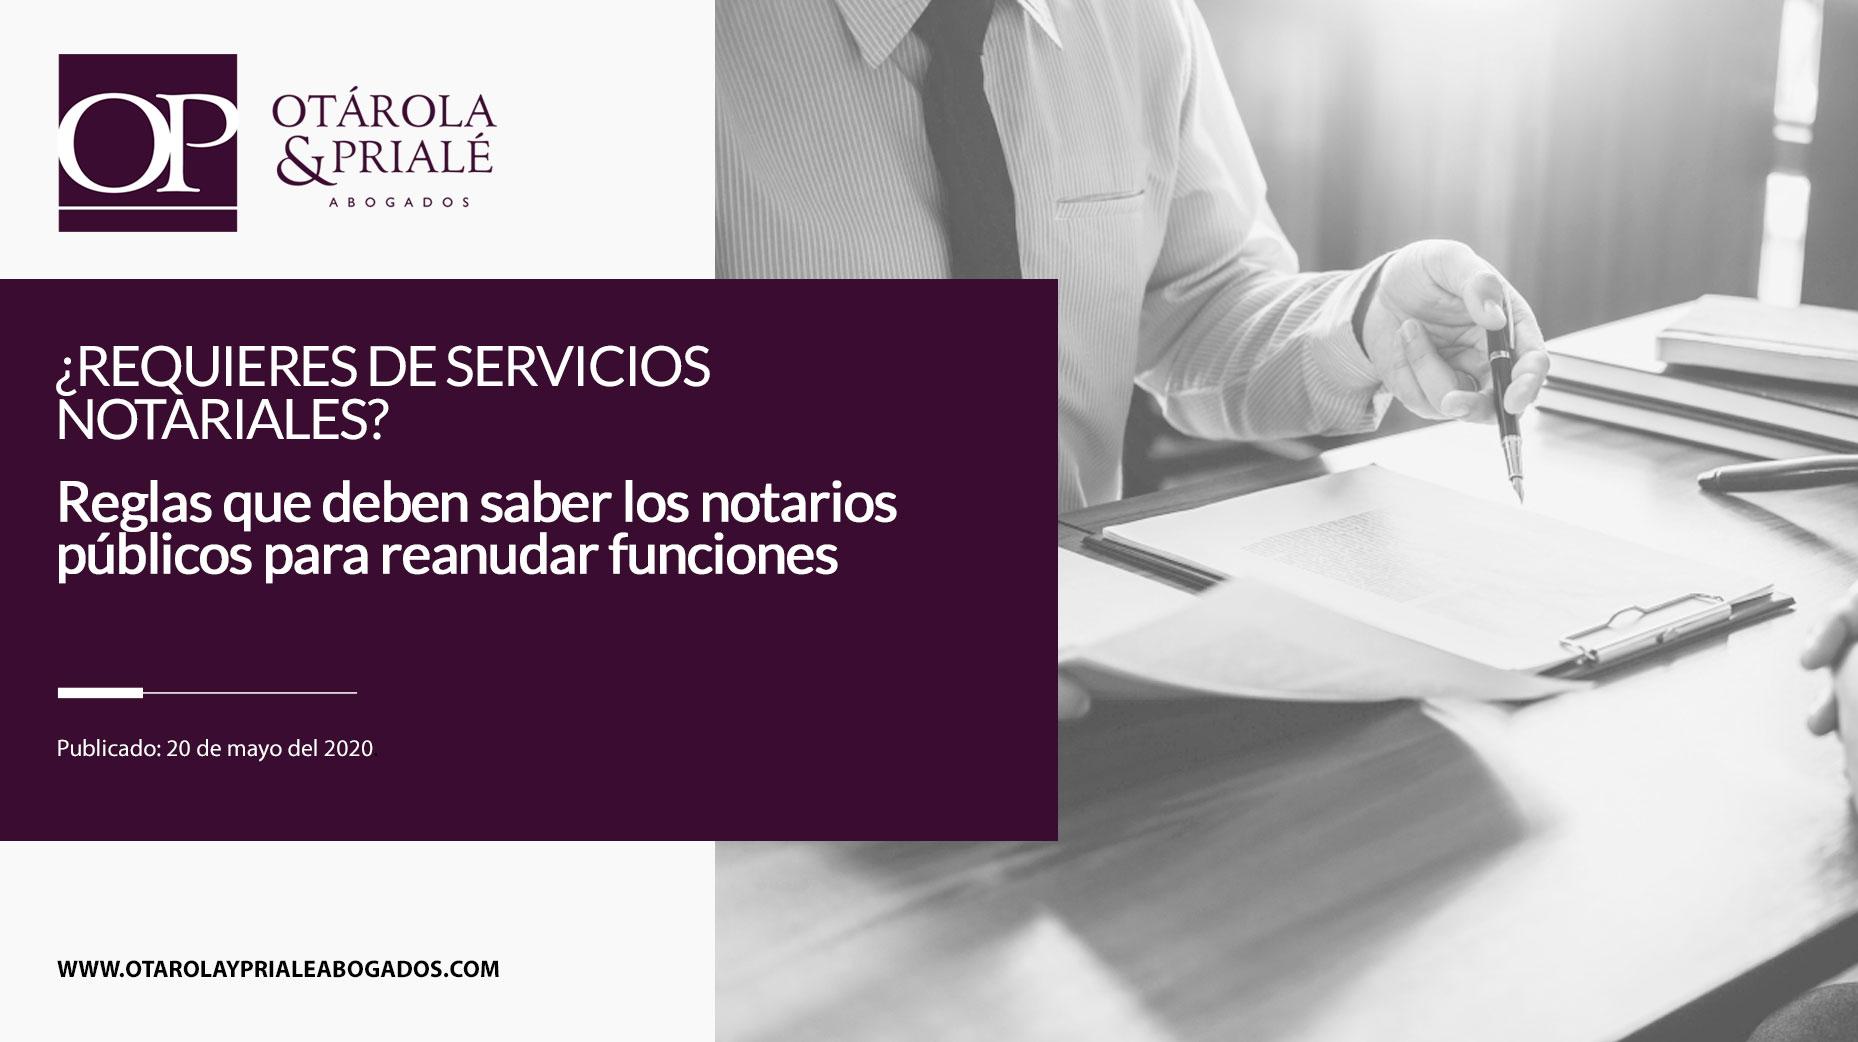 ¿Requieres de servicios notariales? Reglas que deben seguir los notarios públicos para reanudar funciones